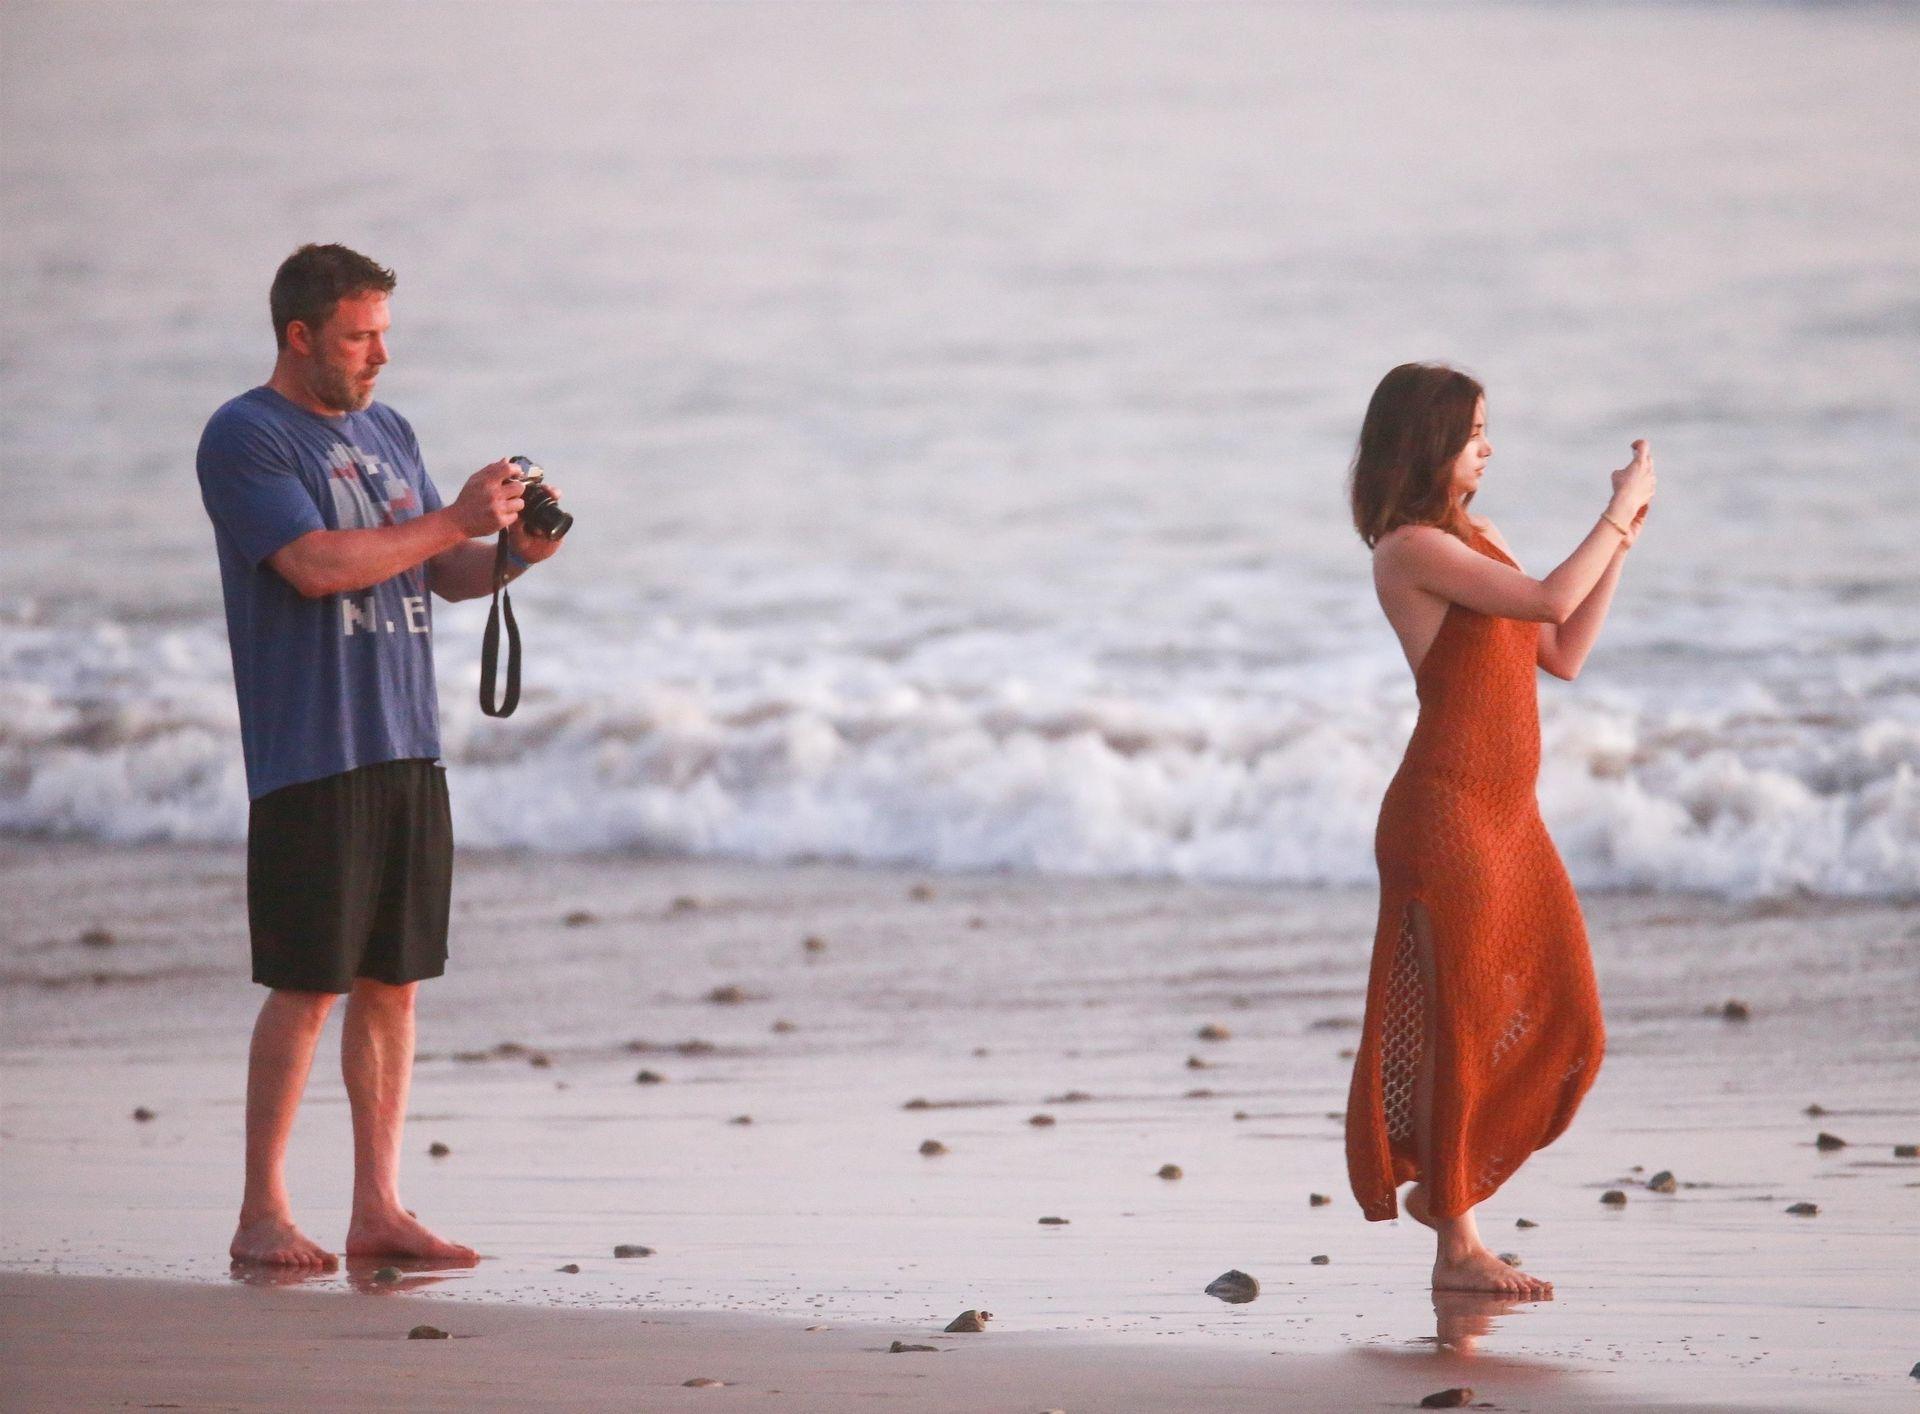 Ben Affleck & Ana De Armas Enjoy A Pda Moment During Romantic Beach Stroll In Costa Rica 0041